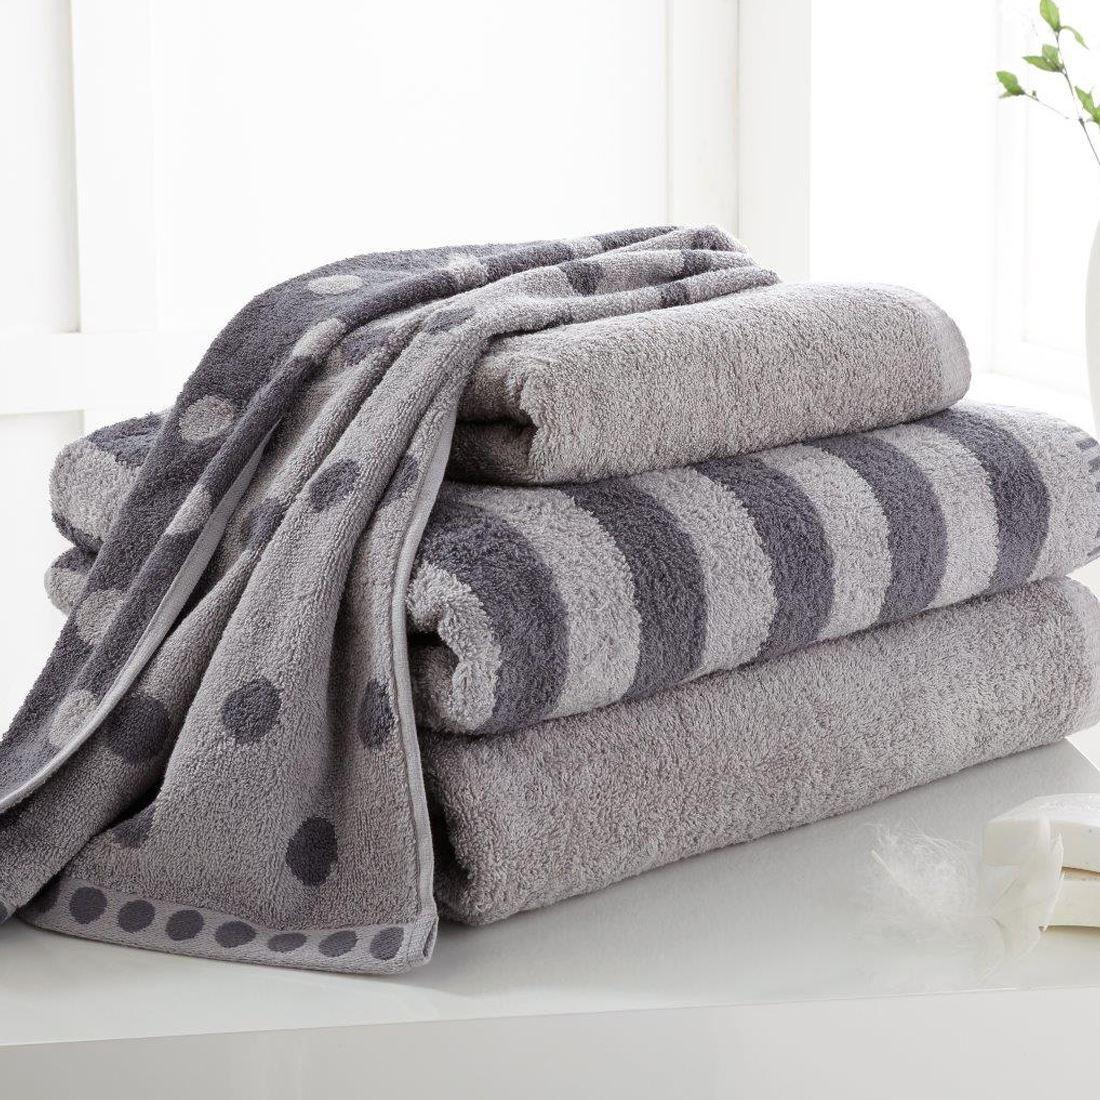 Polka Dot Stripe 4 Pcs Bale Set Hand Towel Bath Towel 100 Cotton Ebay